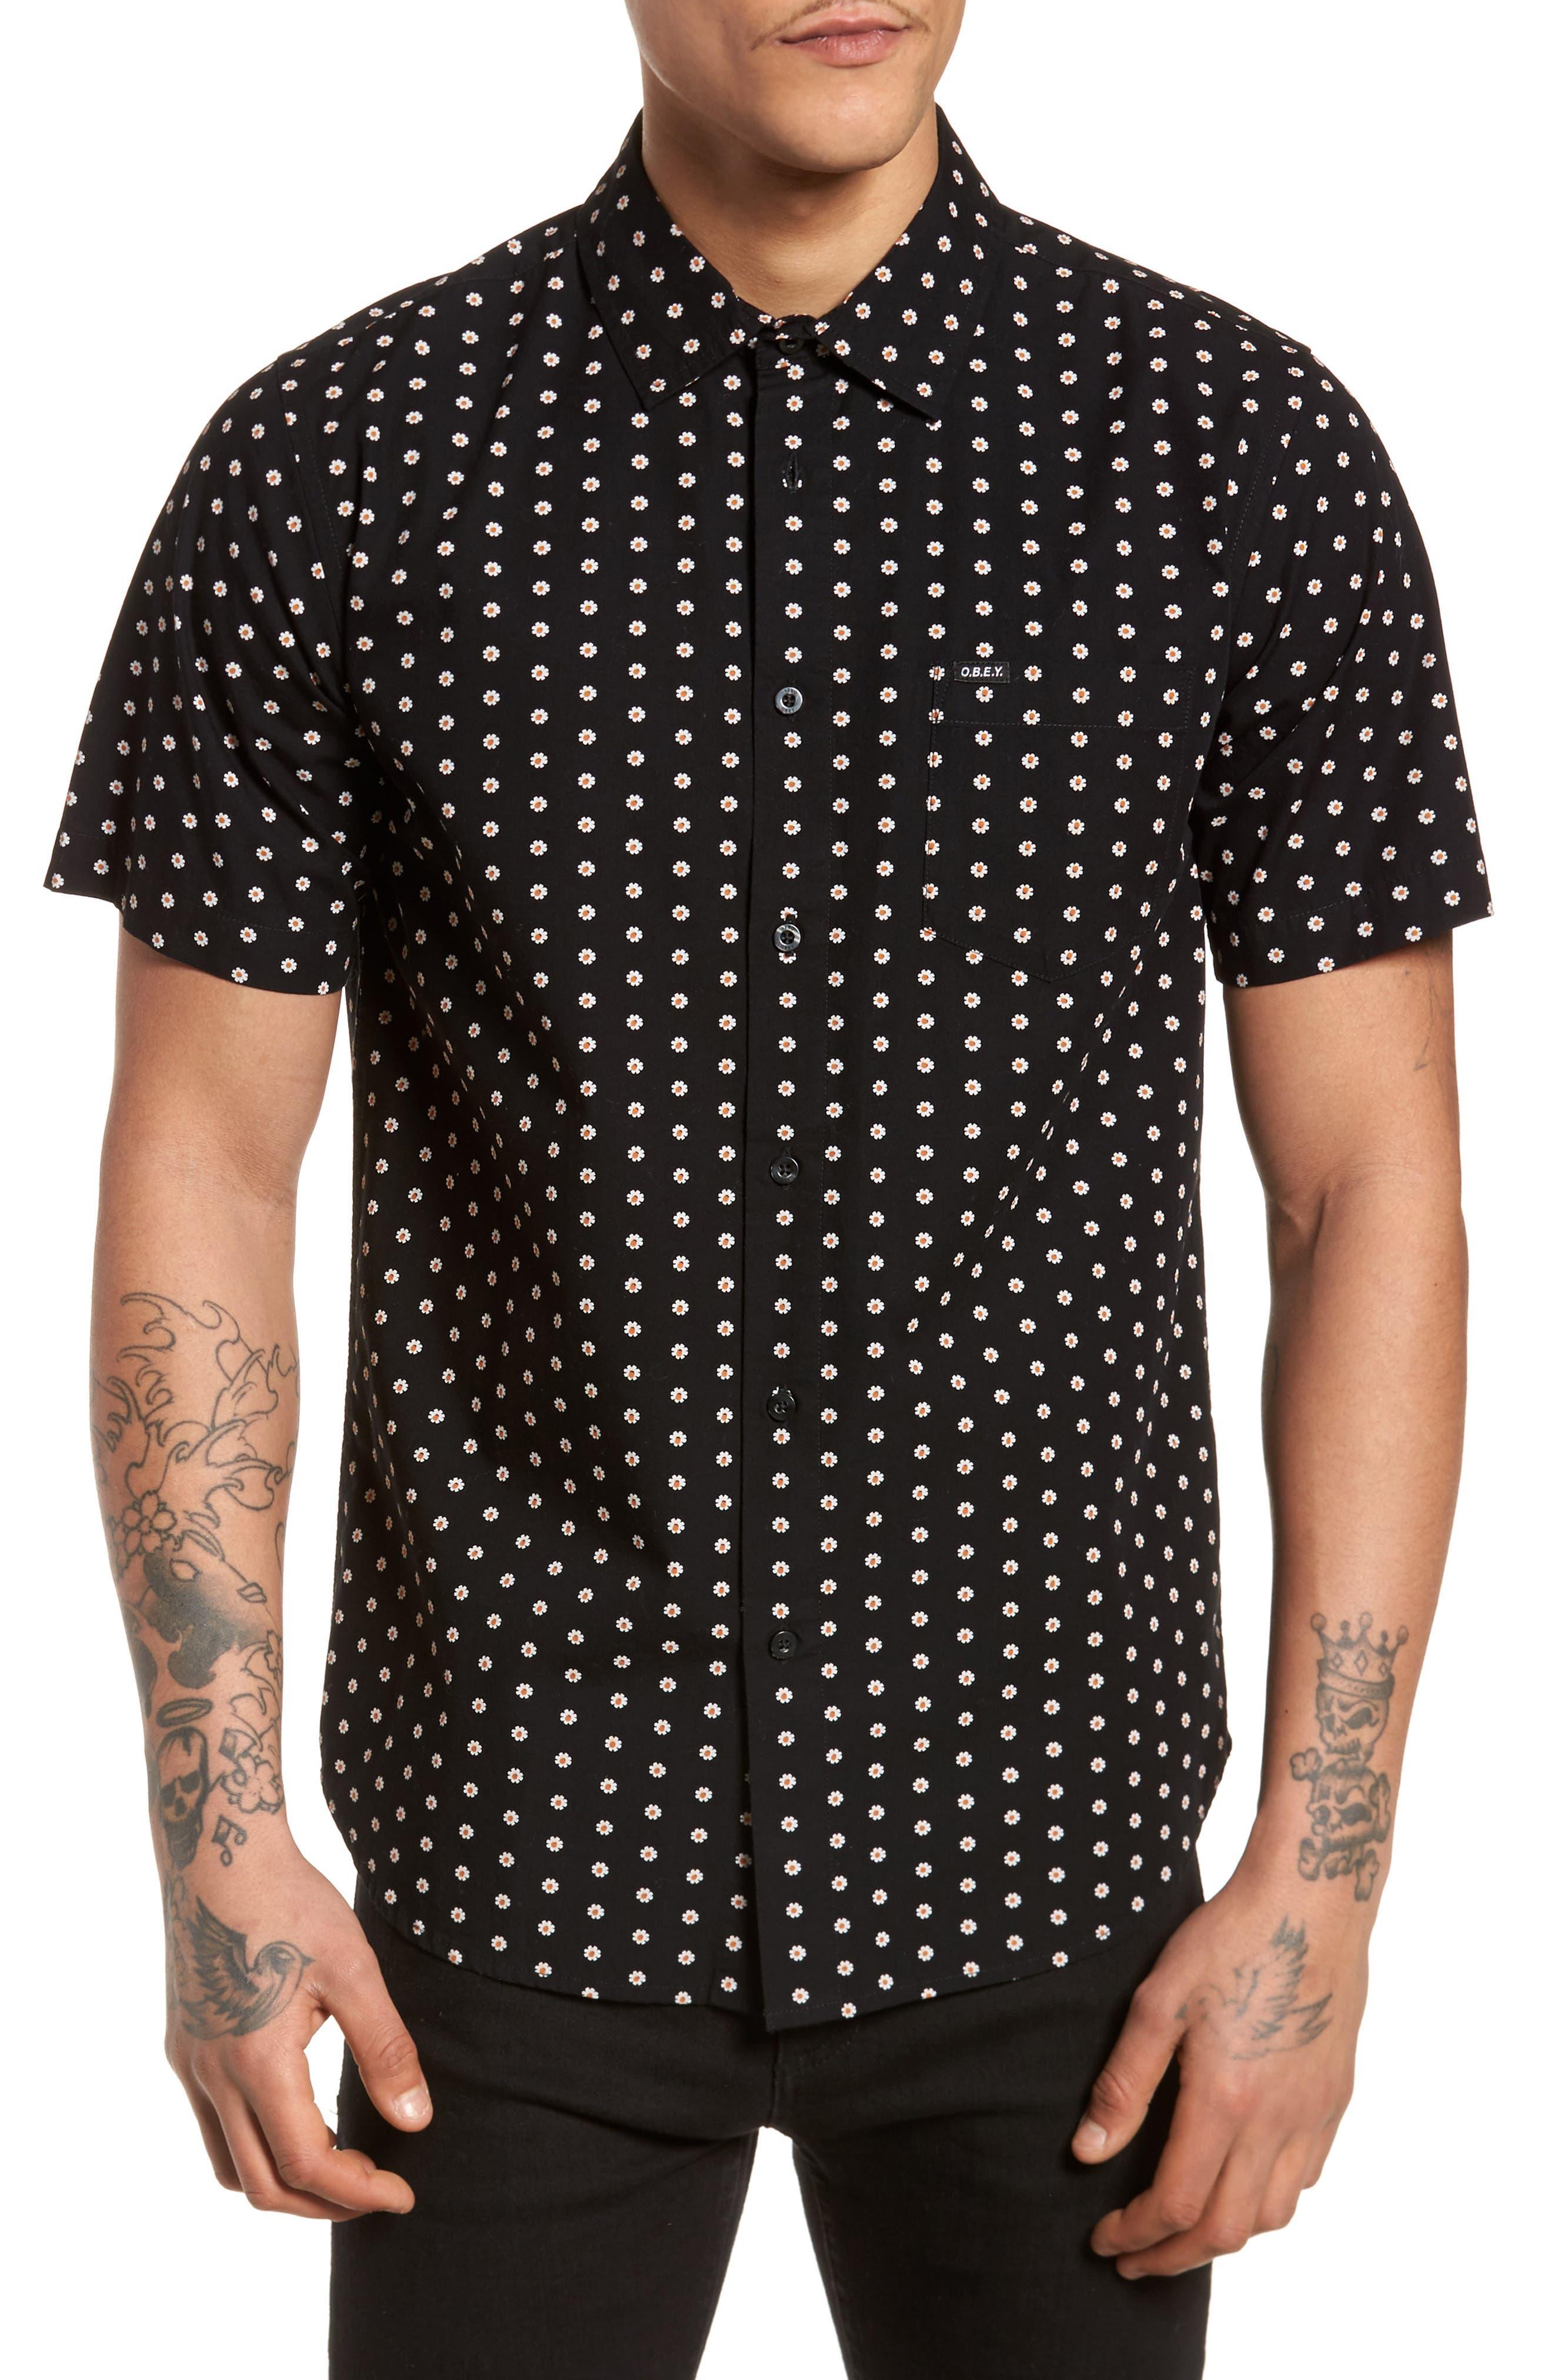 Brighton Short Sleeve Shirt,                             Main thumbnail 1, color,                             002